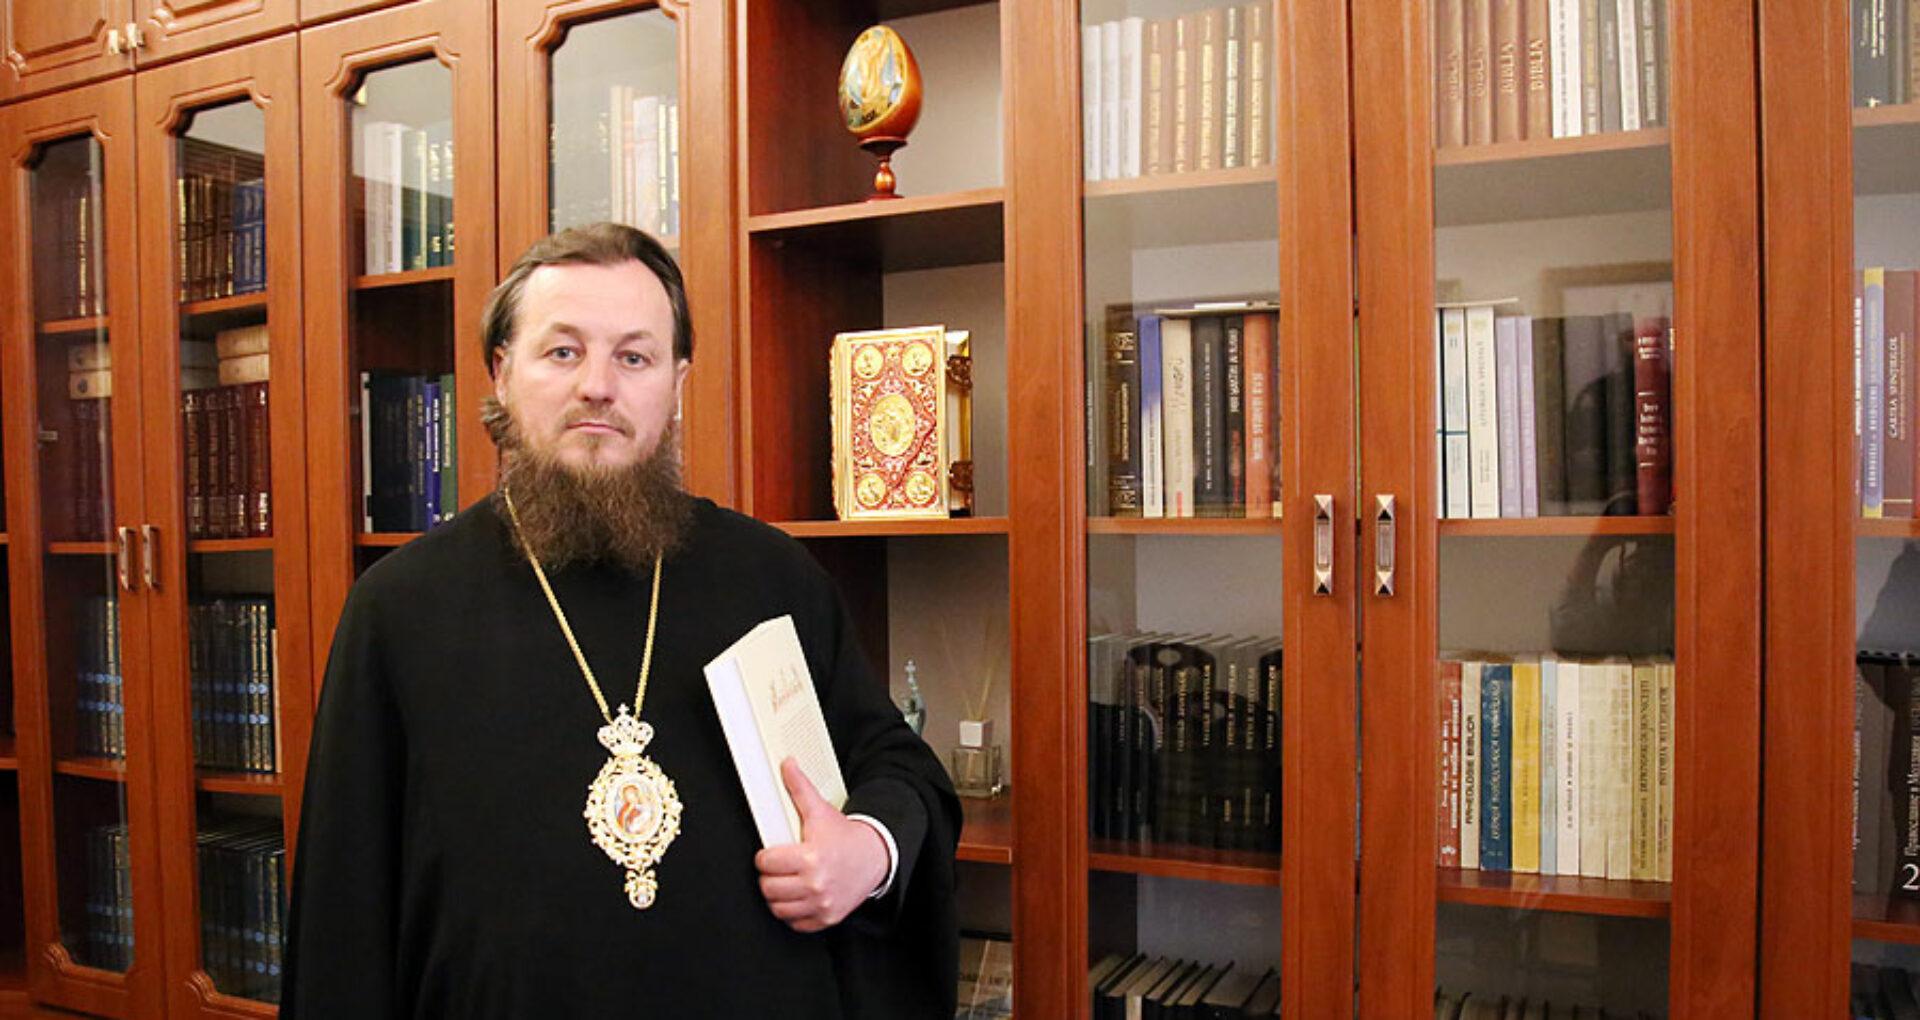 """Interviu cu Ioan Moșneguțu, episcop de Soroca: """"În biserică, toate sunt săvârşite cu bucurie, cu pace şi fără plată"""""""